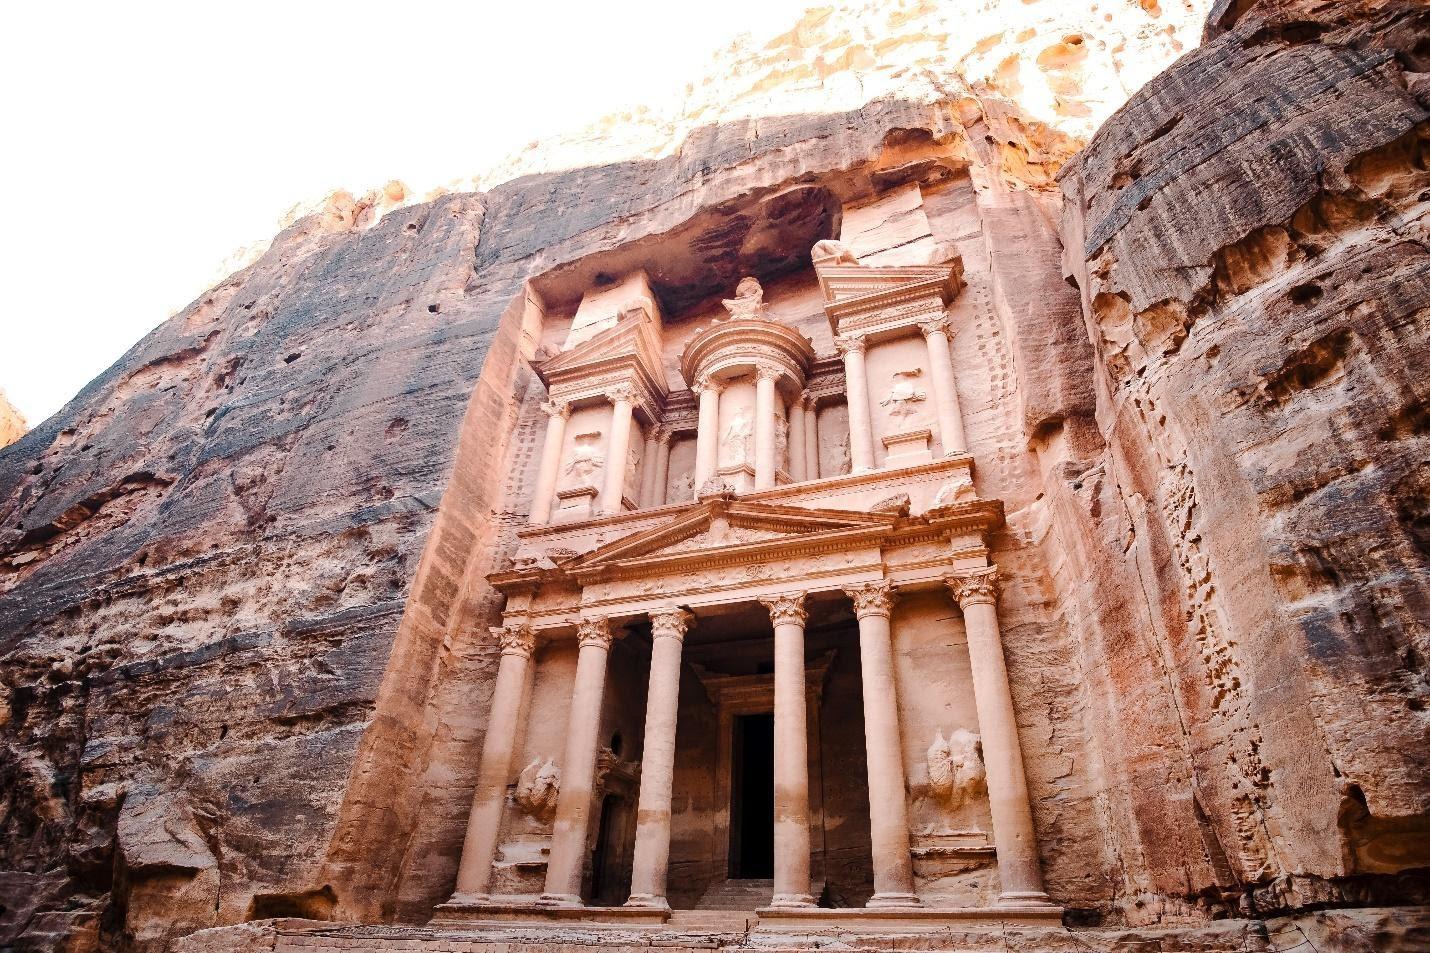 Petra, Jordan – Indiana Jones and the Last Crusade